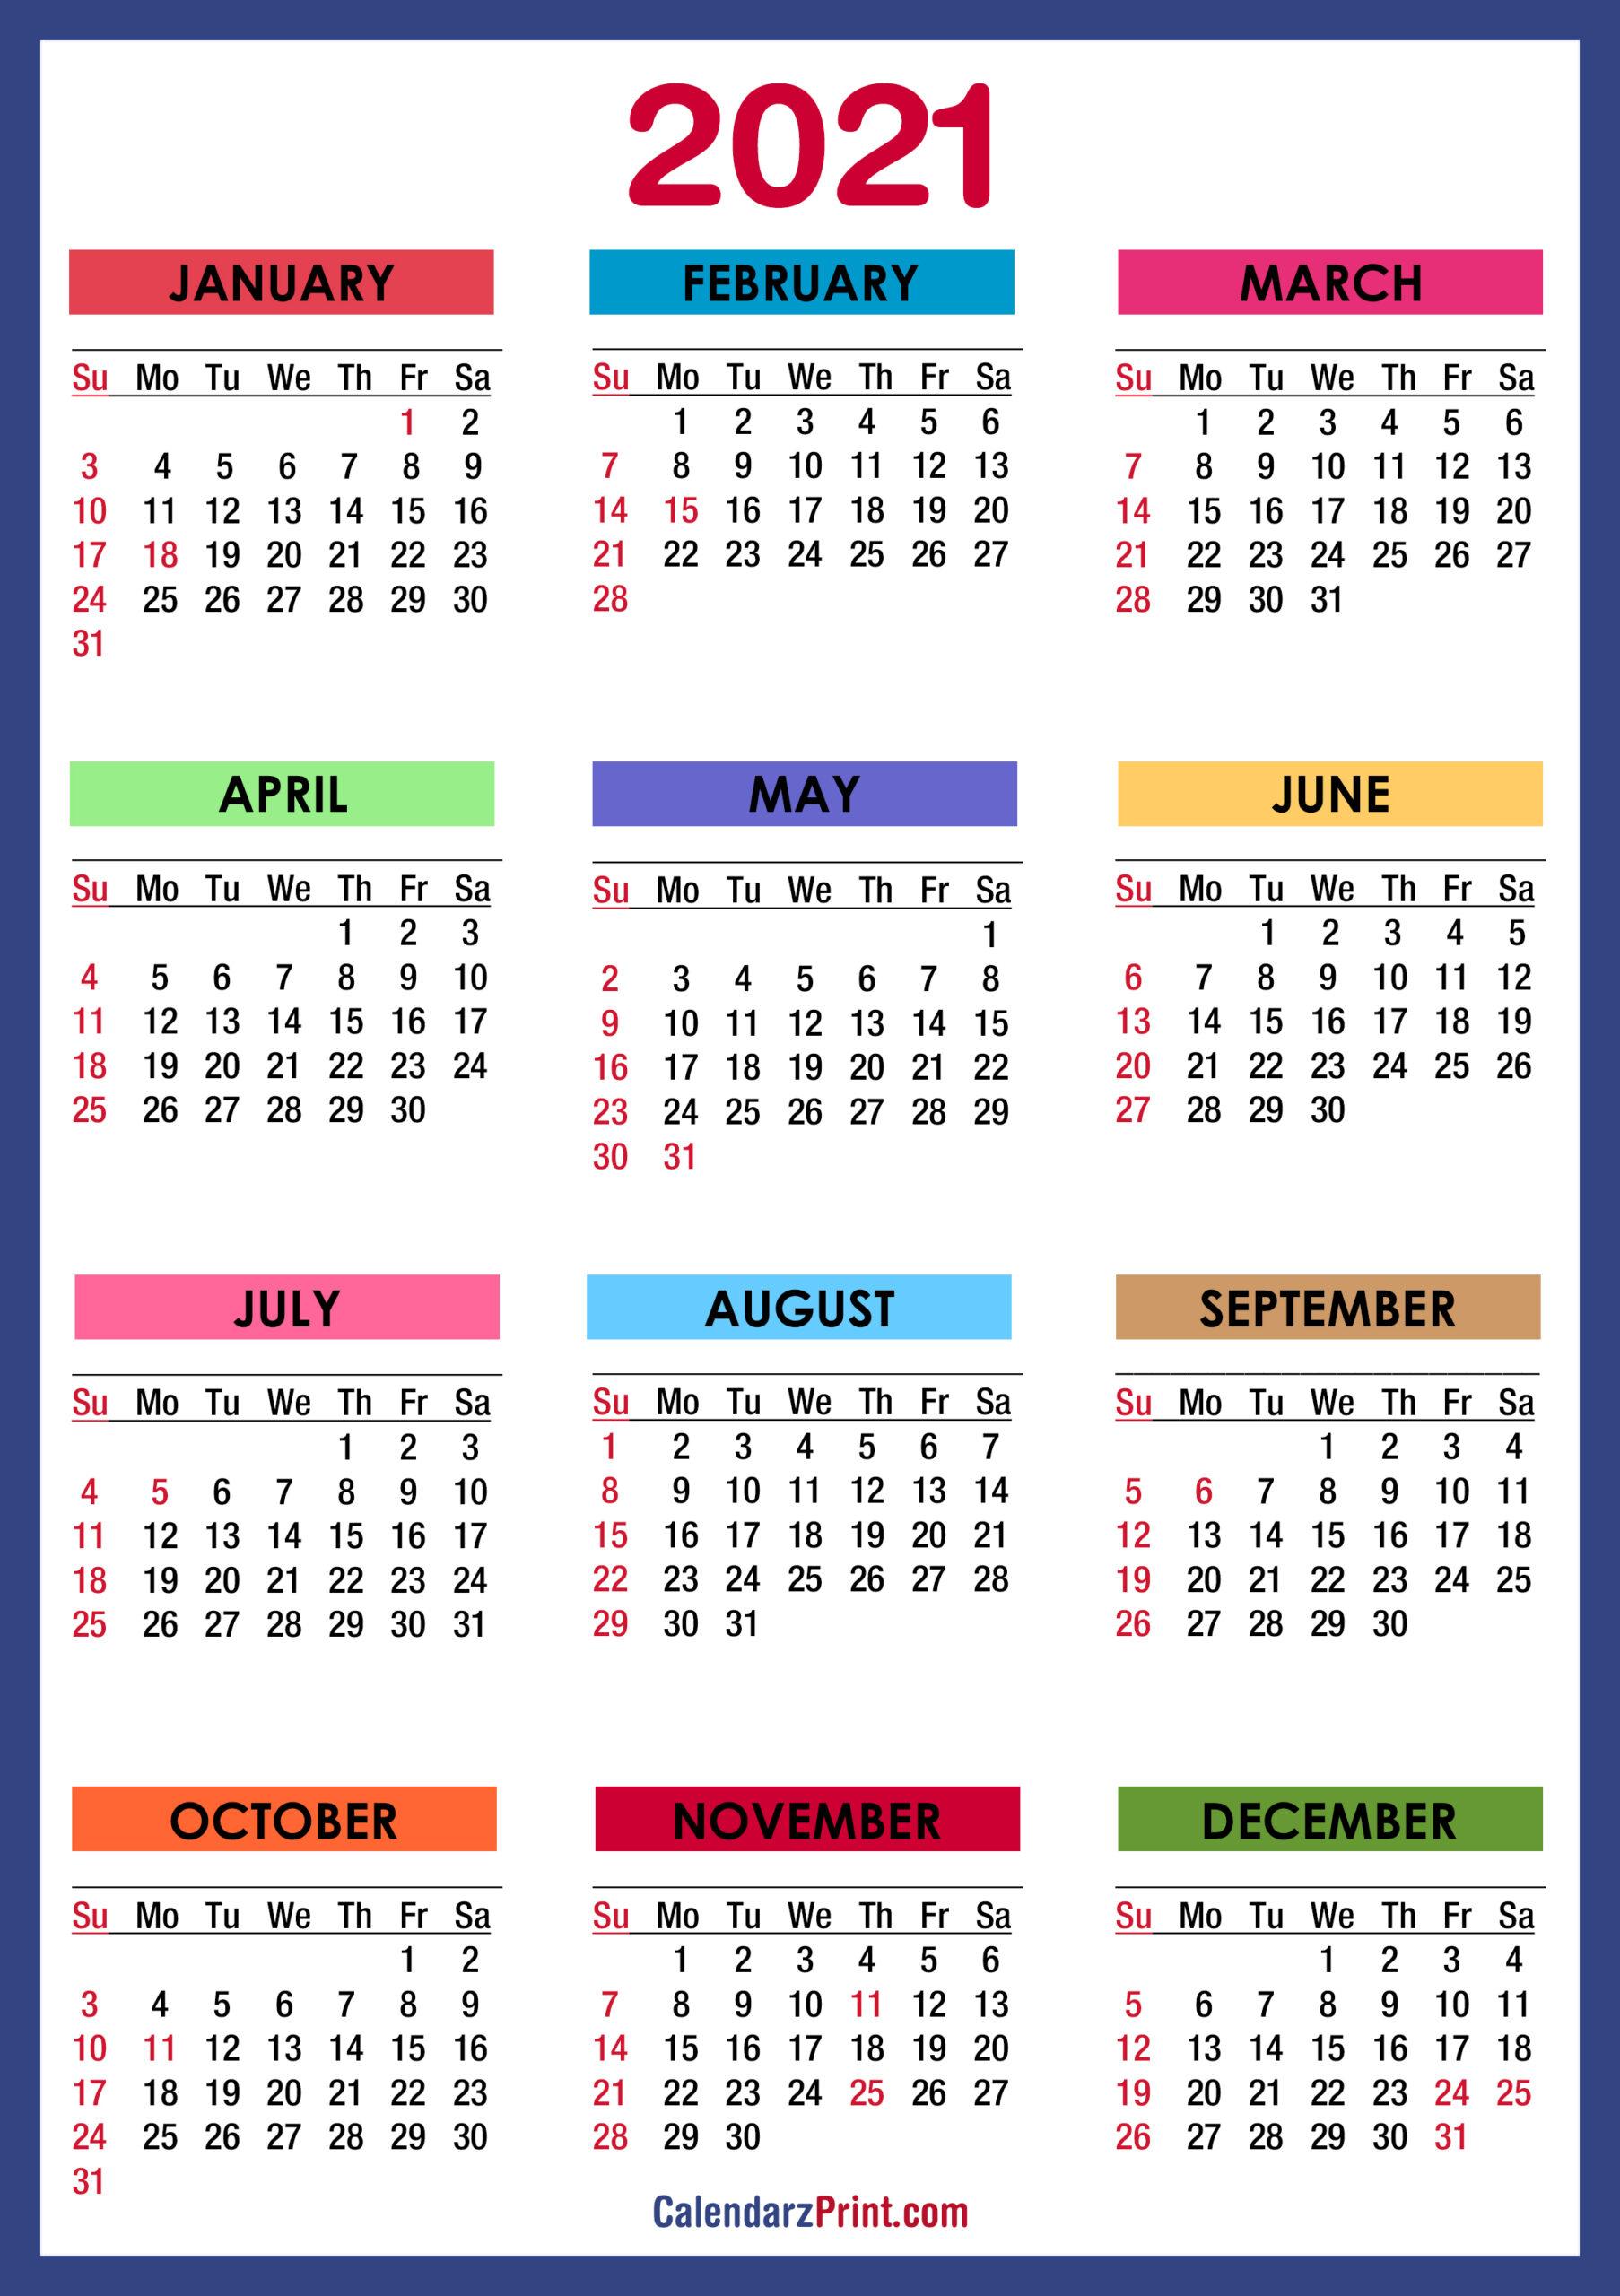 2021 Calendar Printable Pdf With Holidays | 2021 Printable